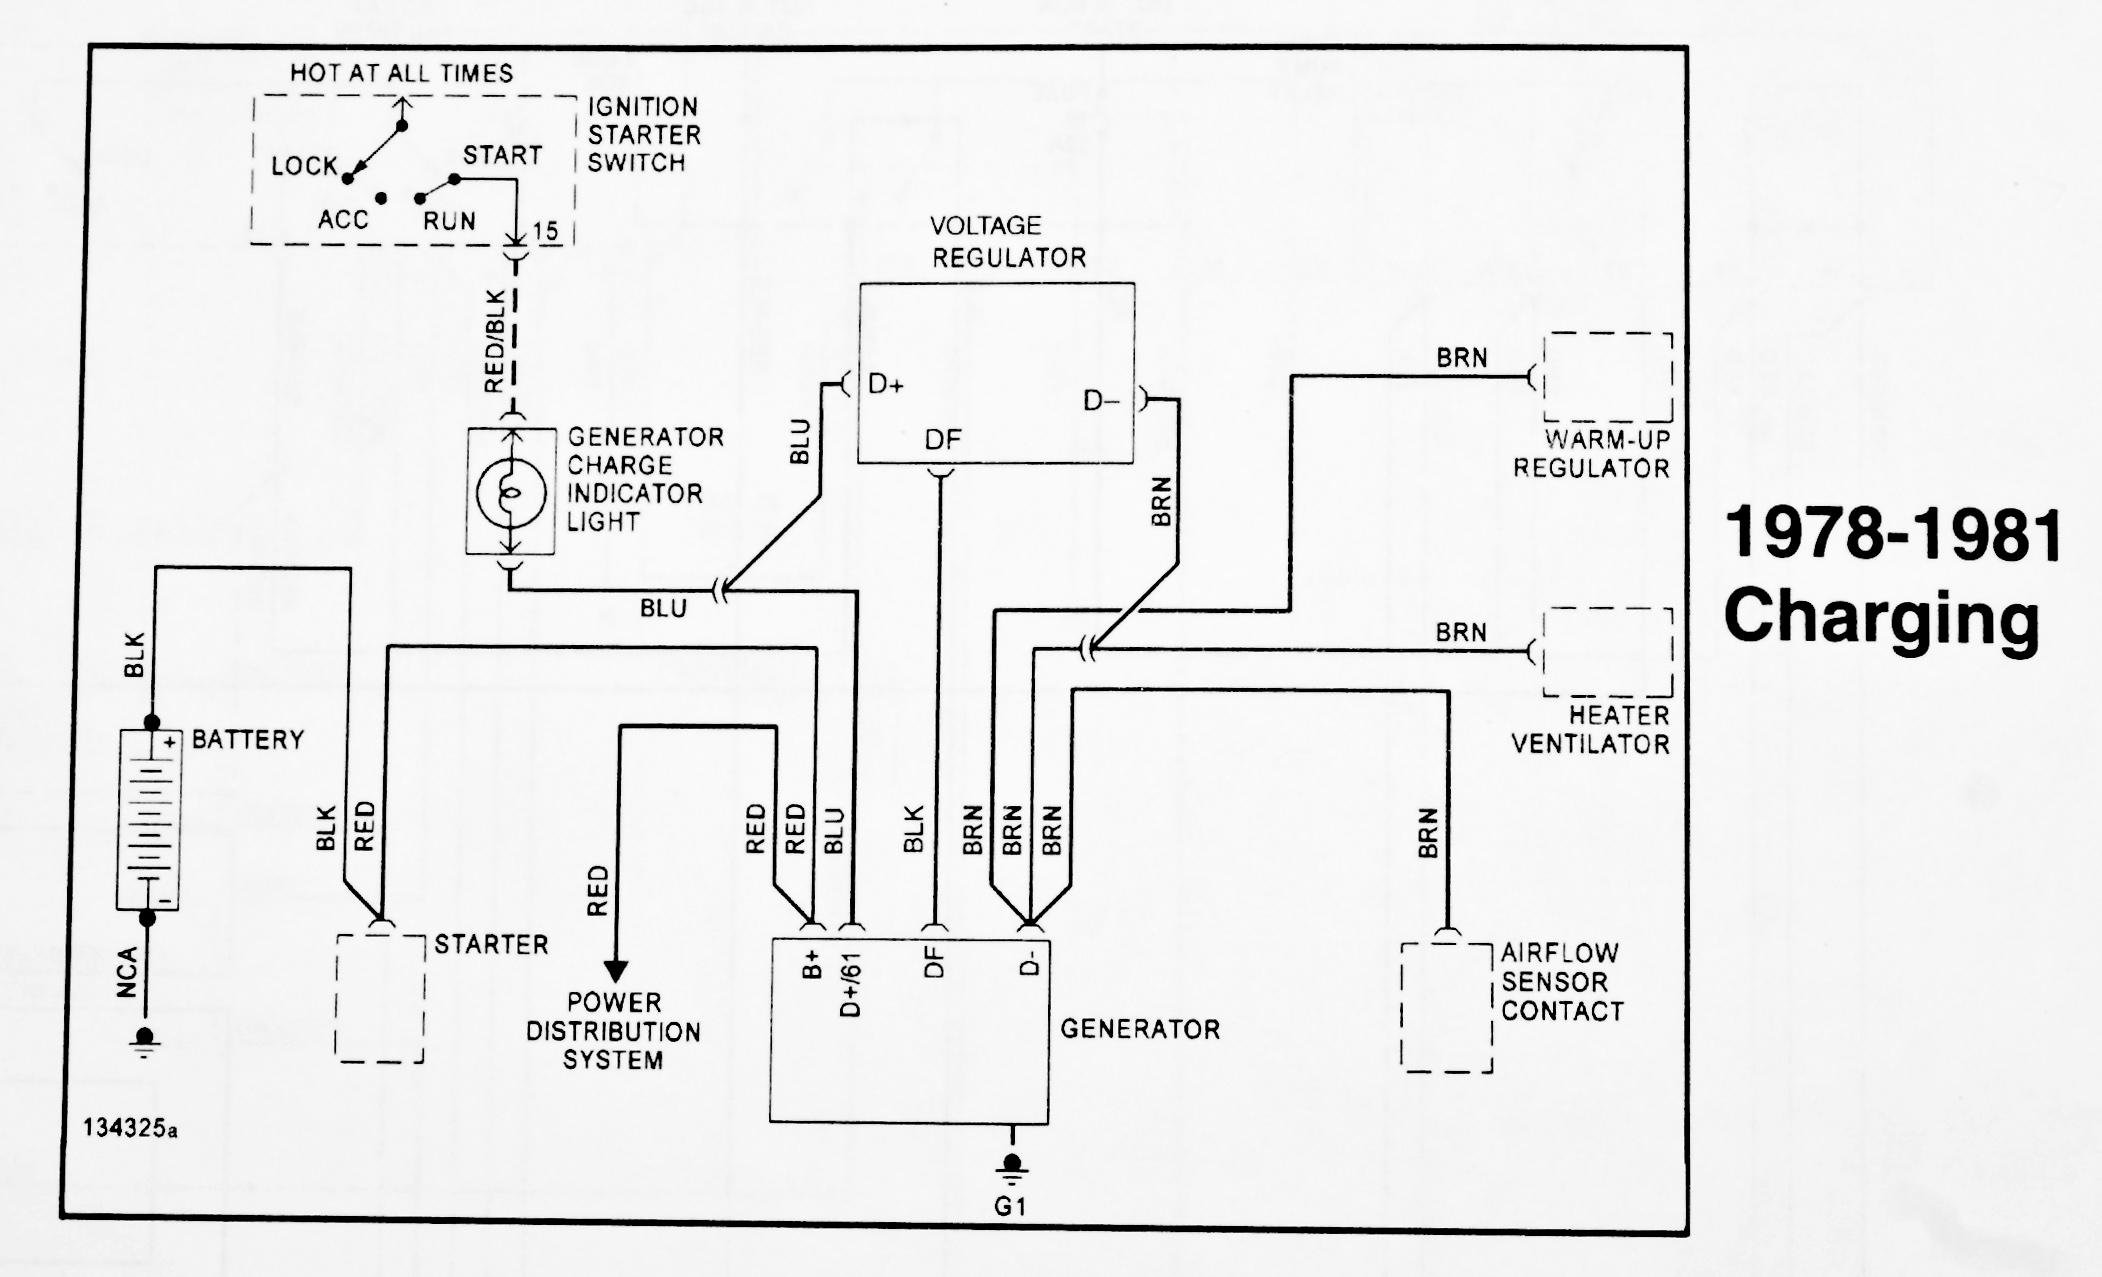 1979 porsche 924 wiring alternator wiring diagrams konsult porsche 928 wiring diagram 1978 [ 2102 x 1277 Pixel ]